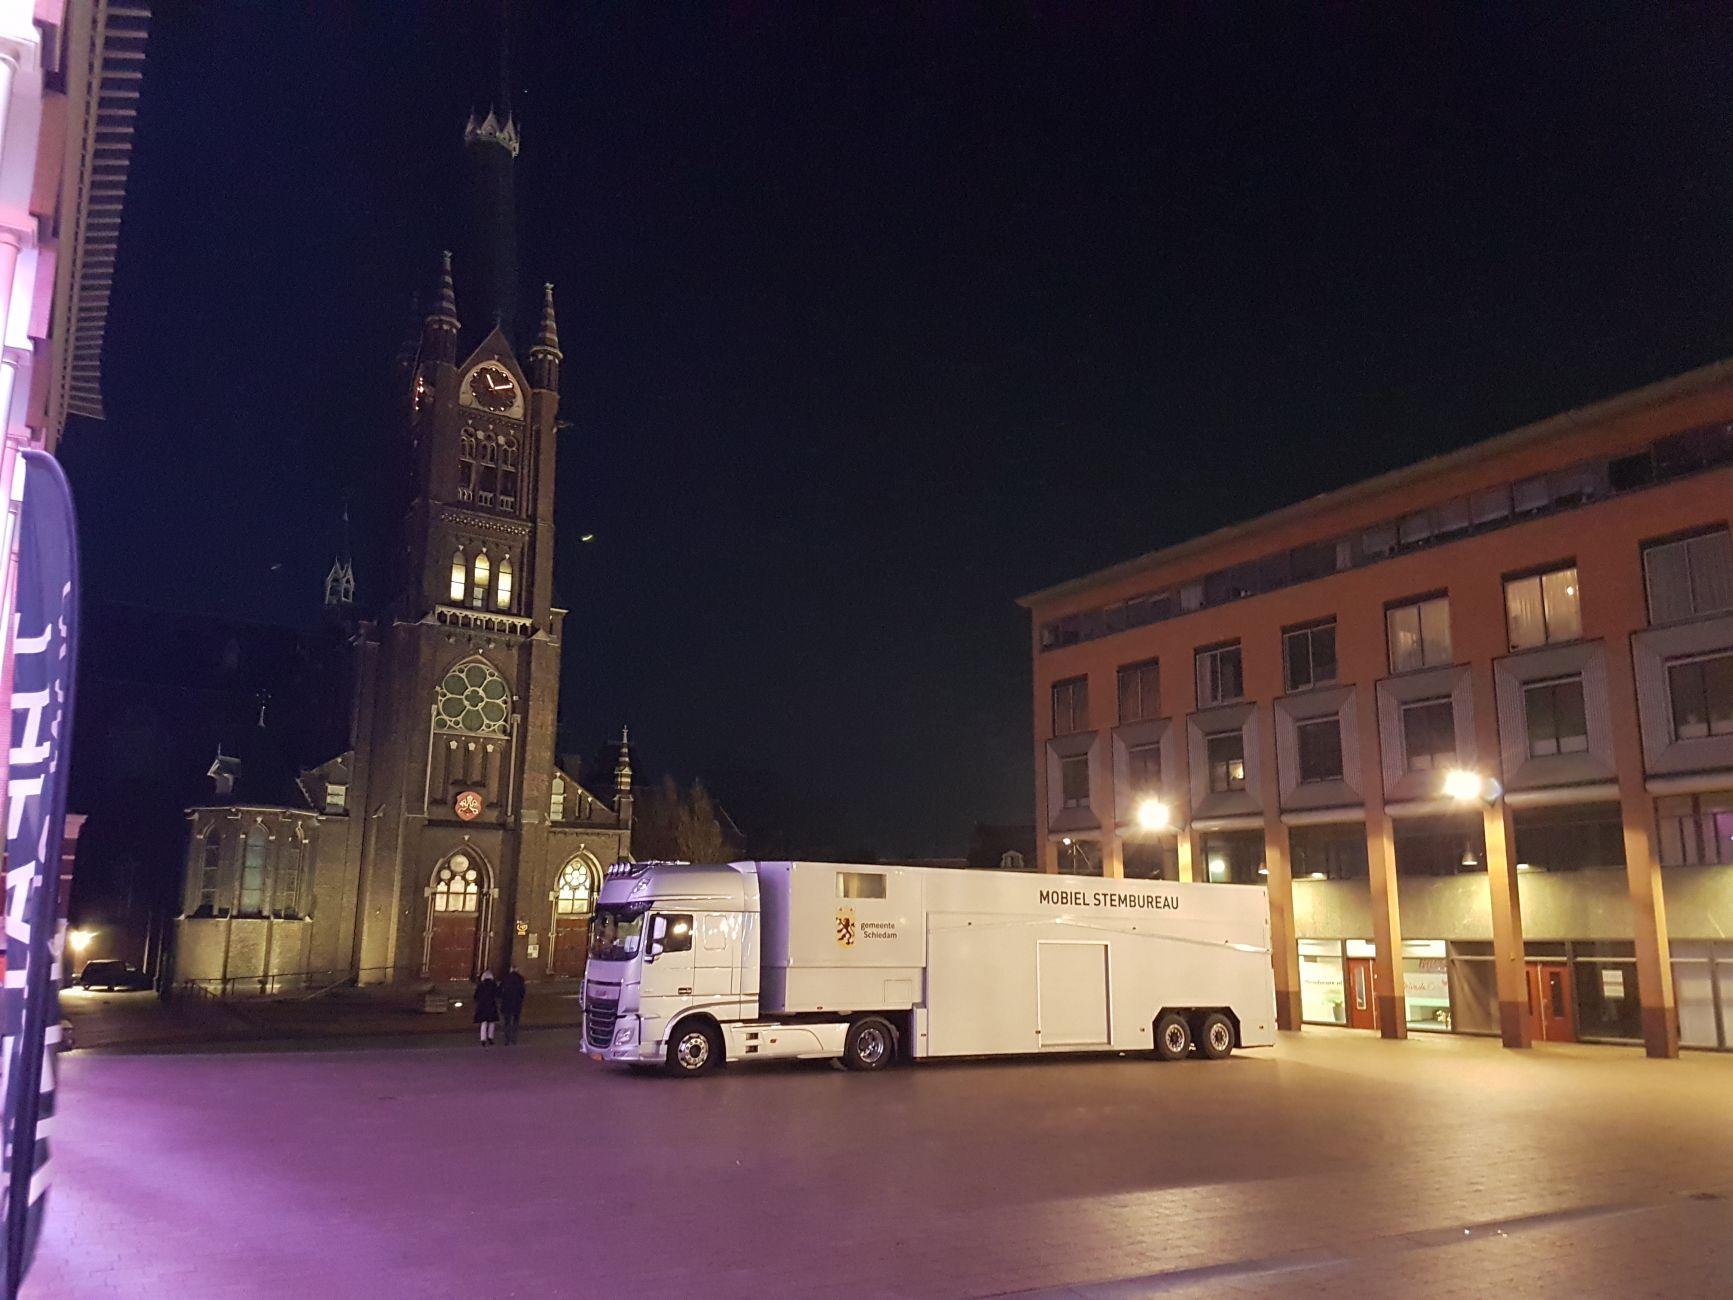 Stemmen op 33 Schiedamse locaties, plus een mobiel stembureau